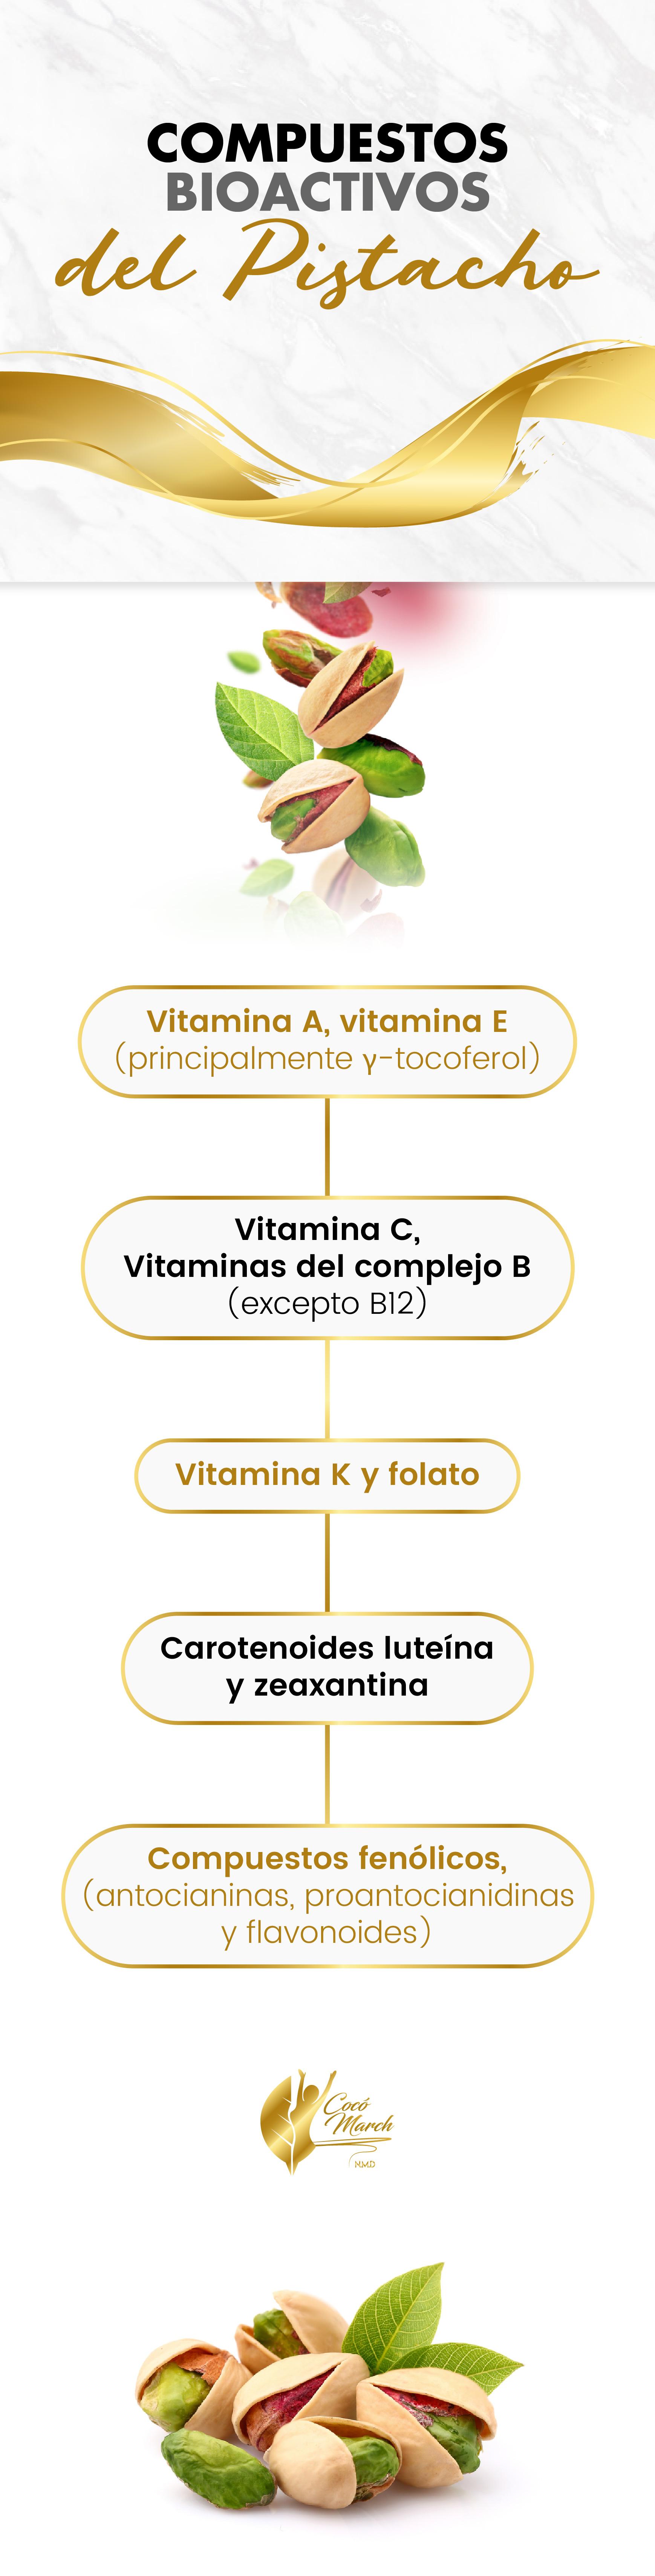 compuestos-bioactivos-del-pistacho